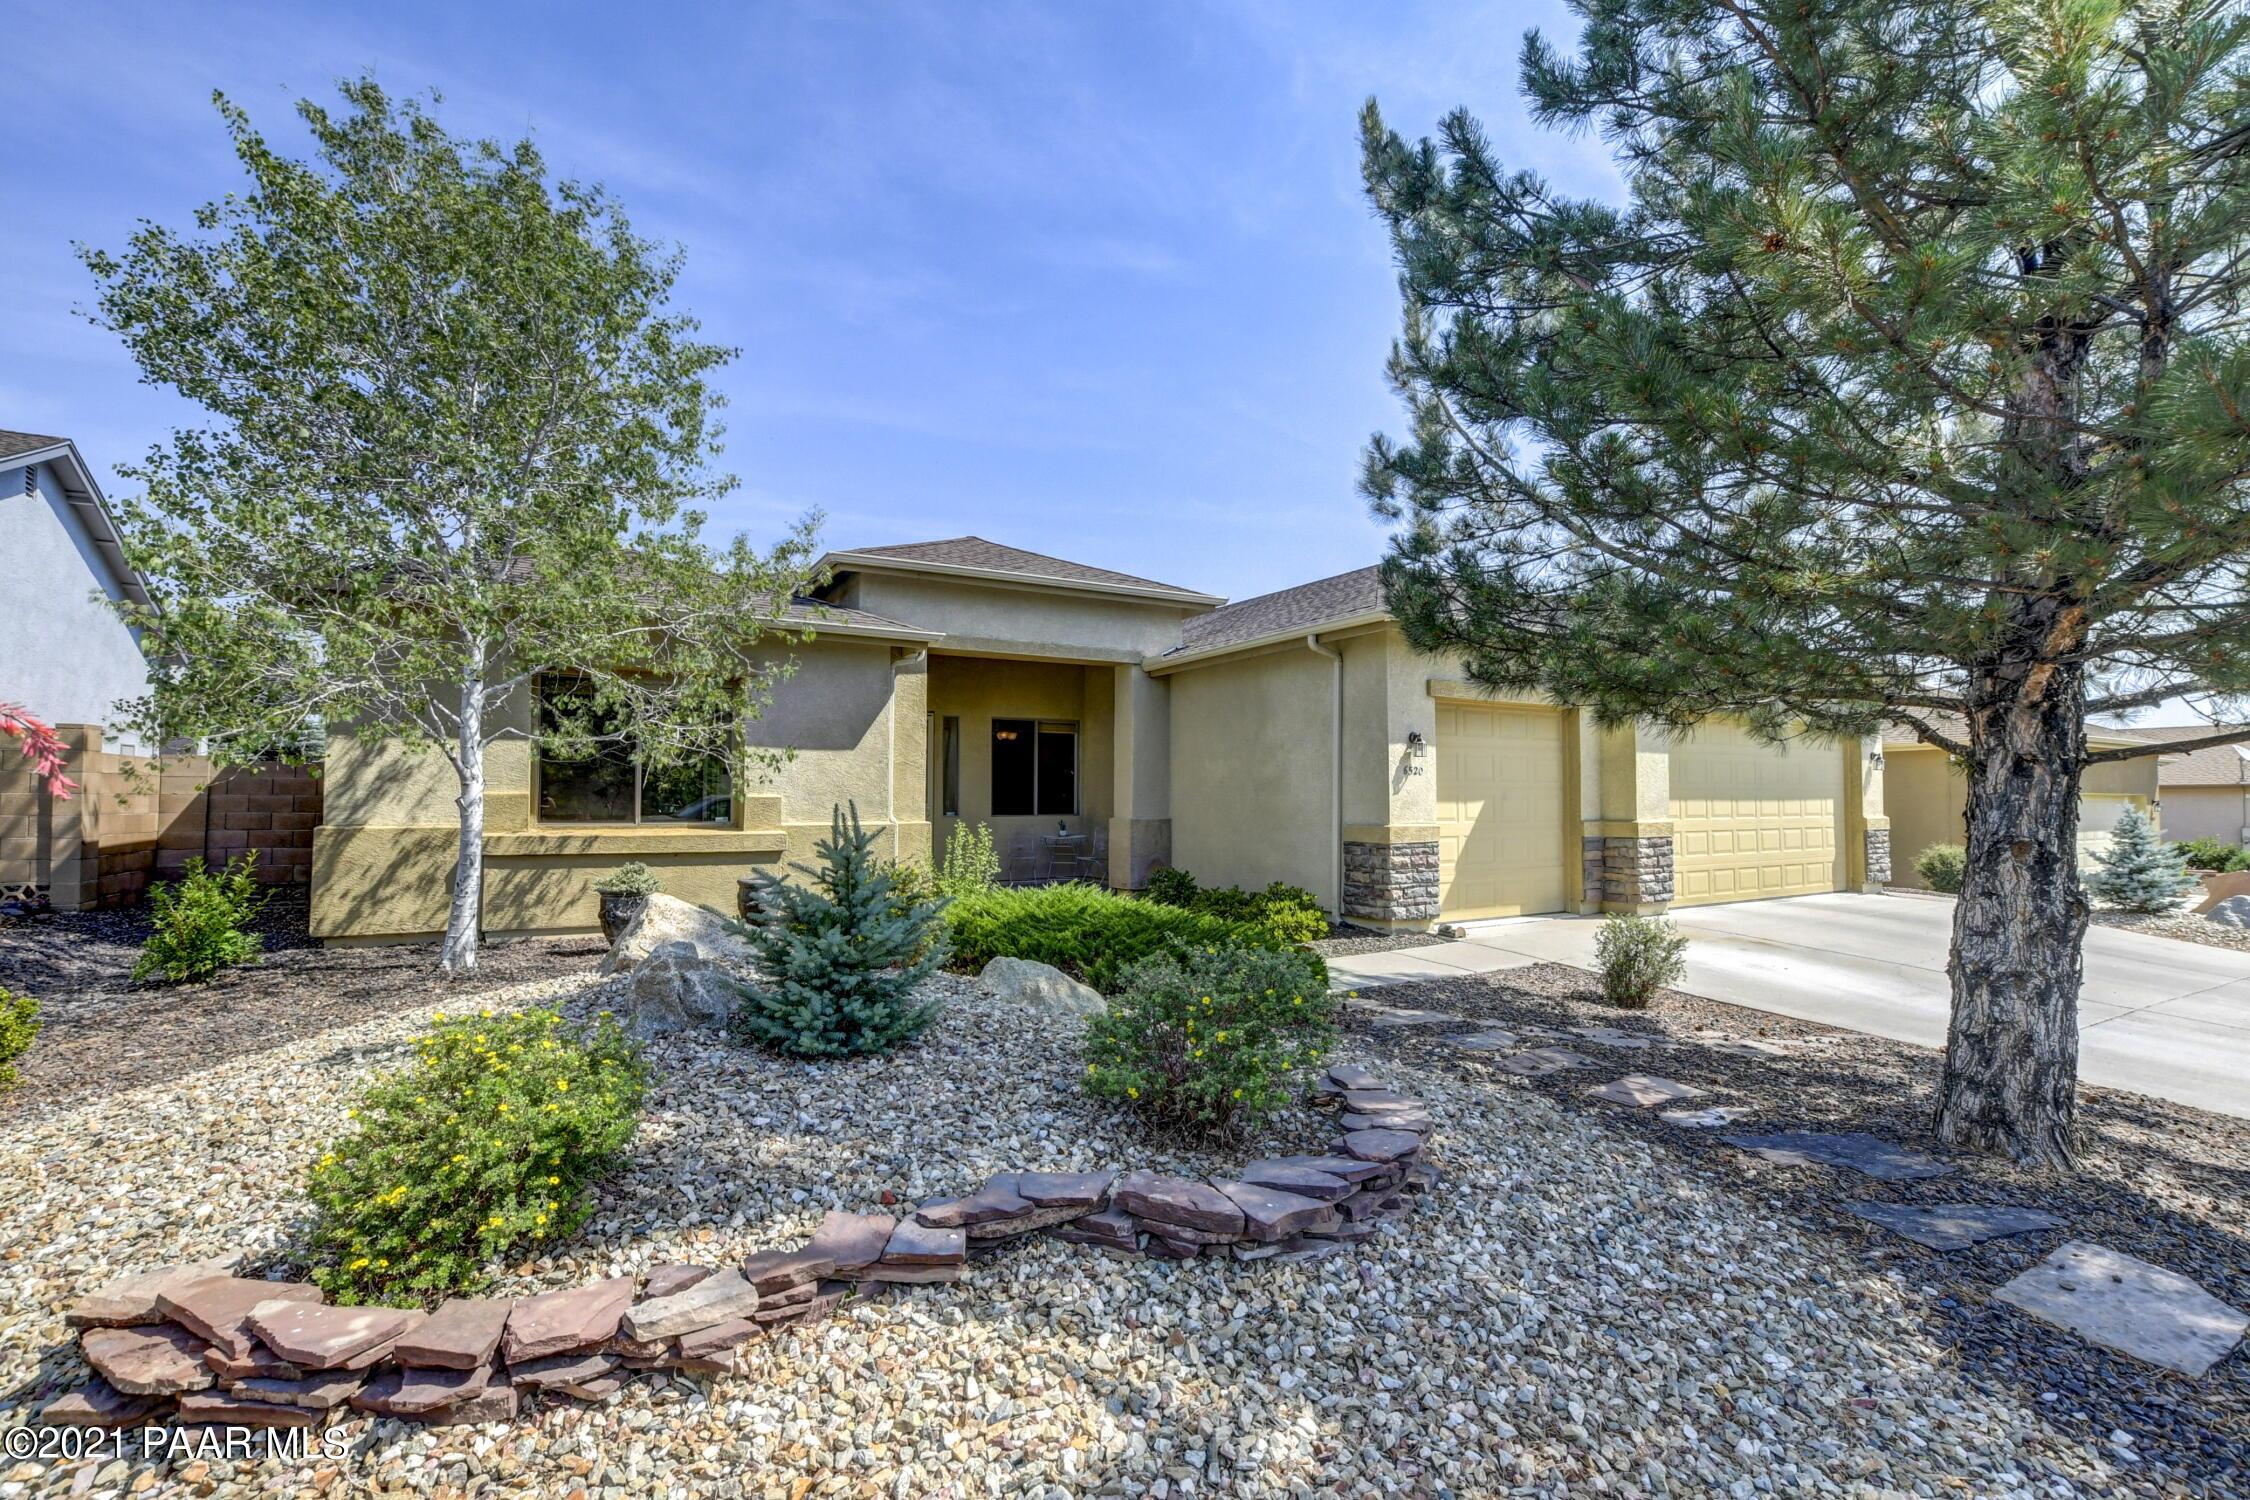 Photo of 6520 Brombil, Prescott Valley, AZ 86314